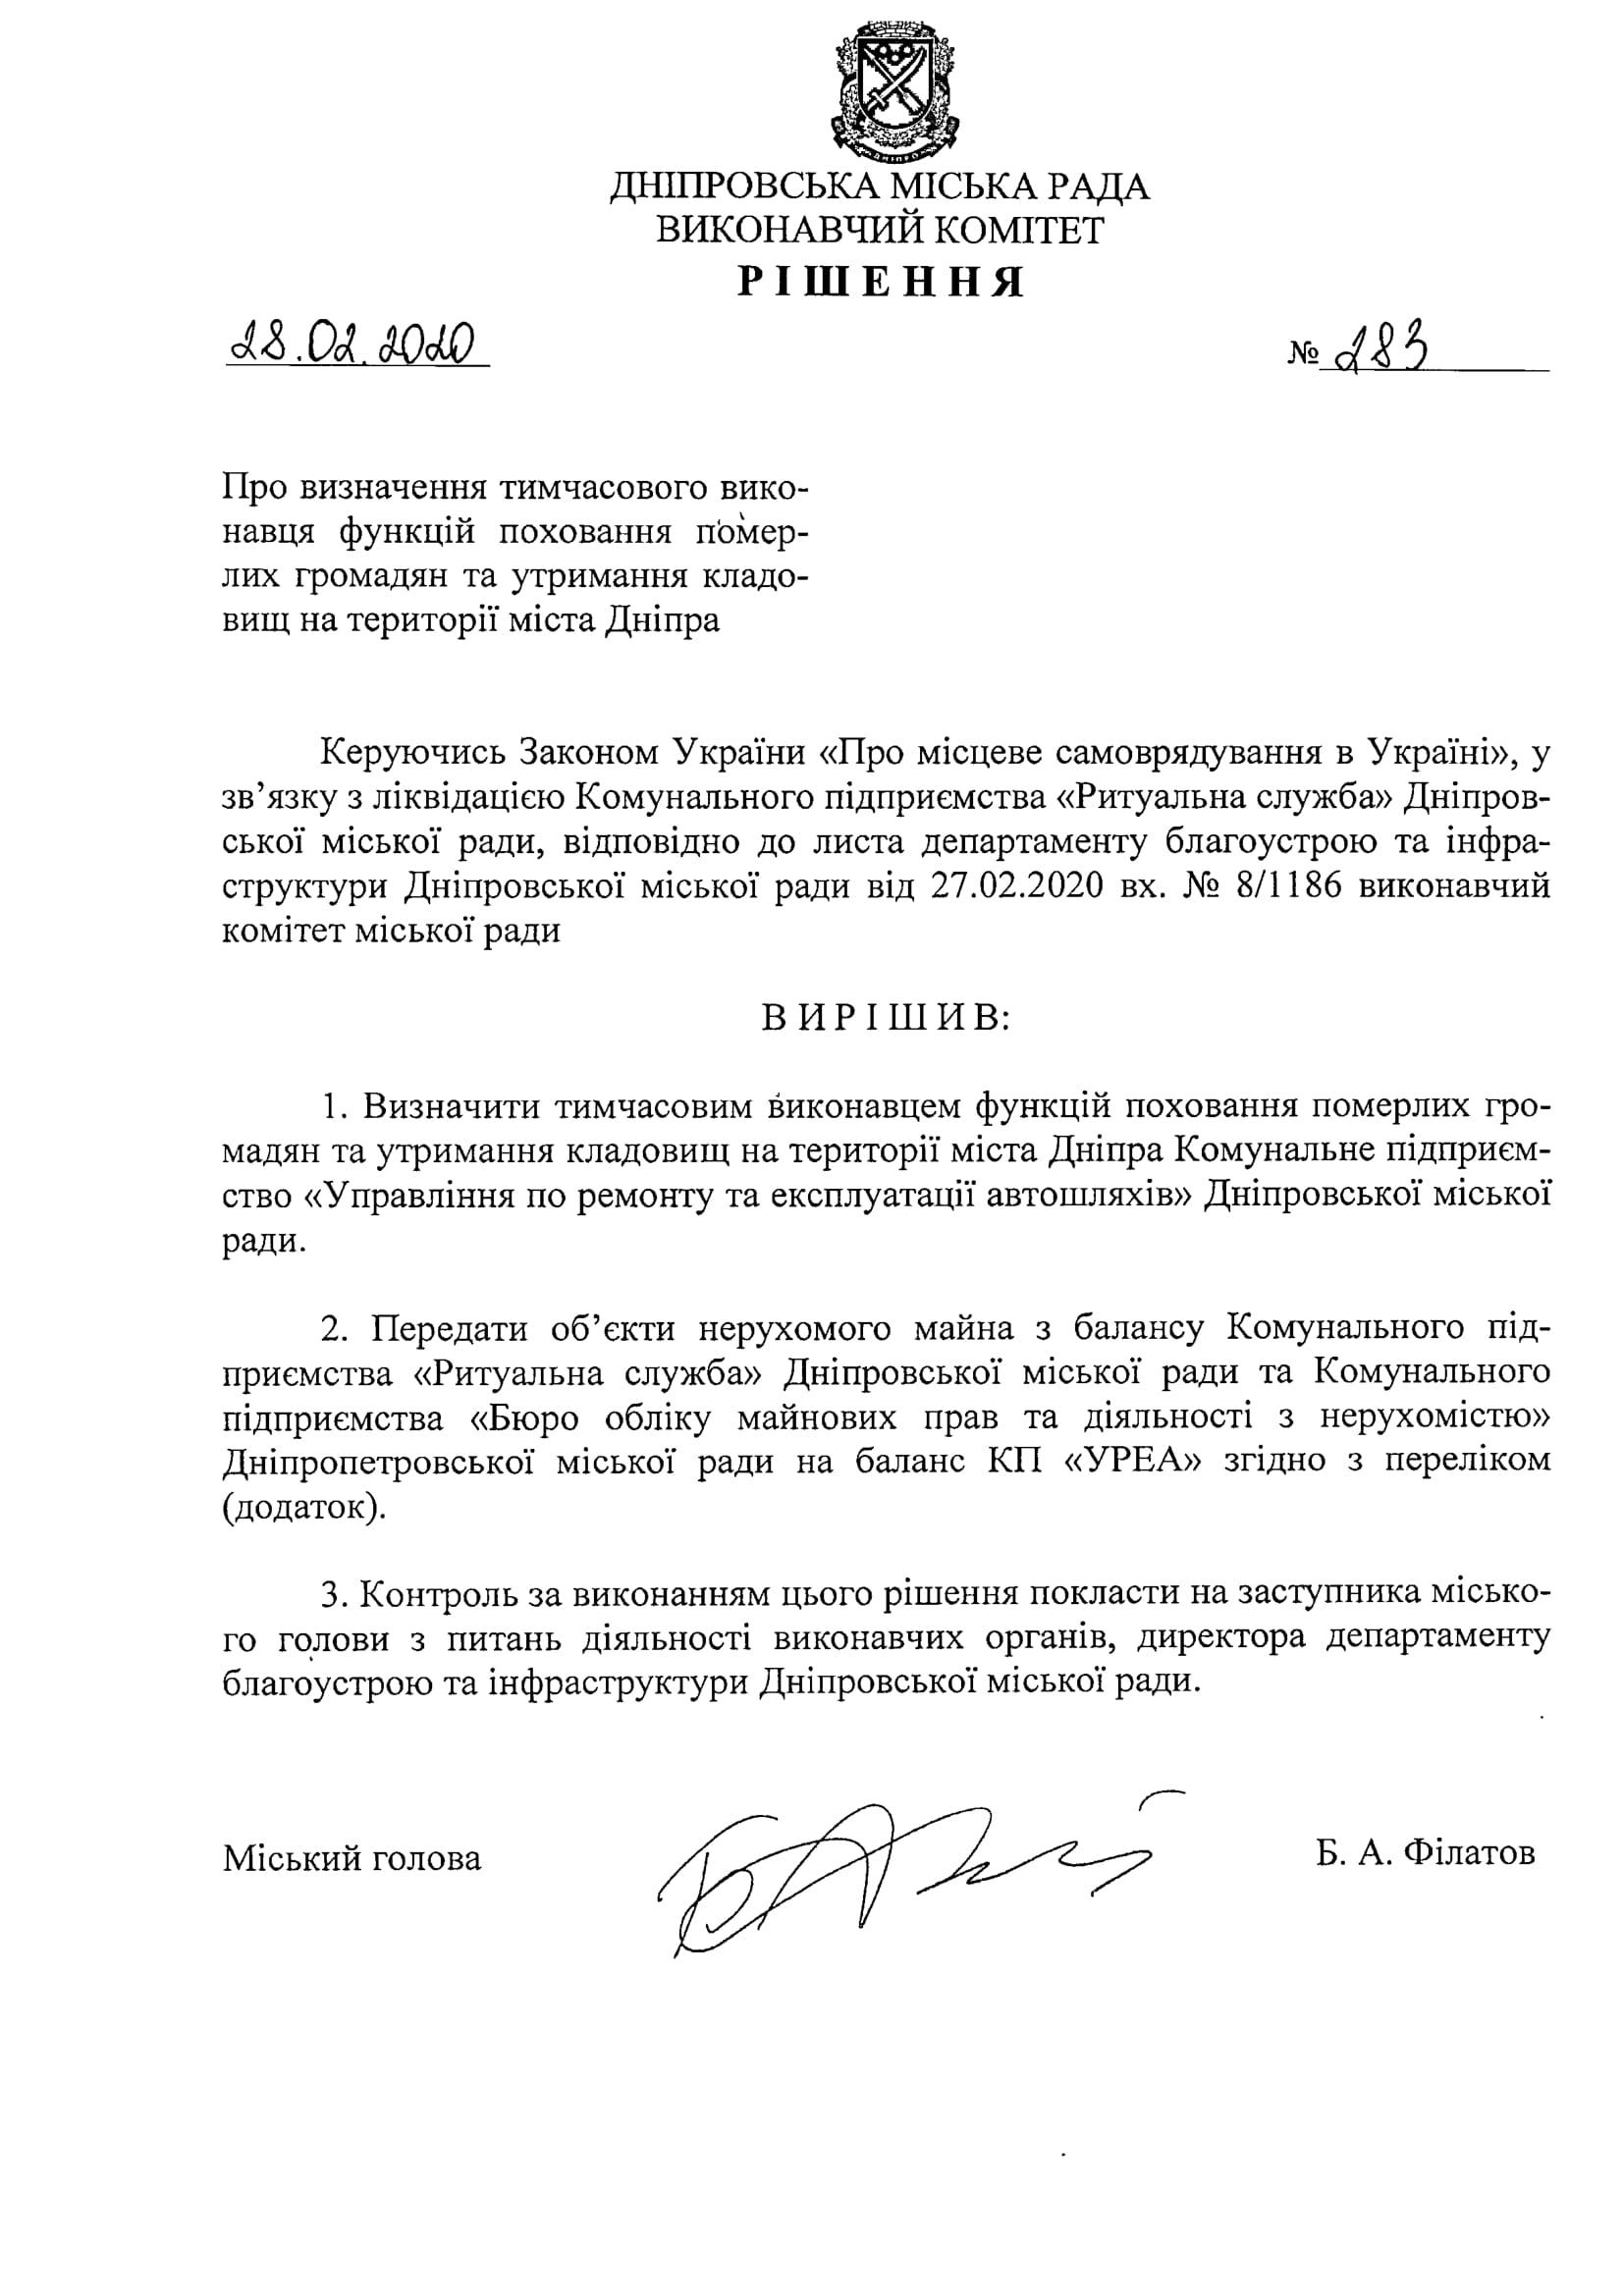 Документ о передаче погребальных функций